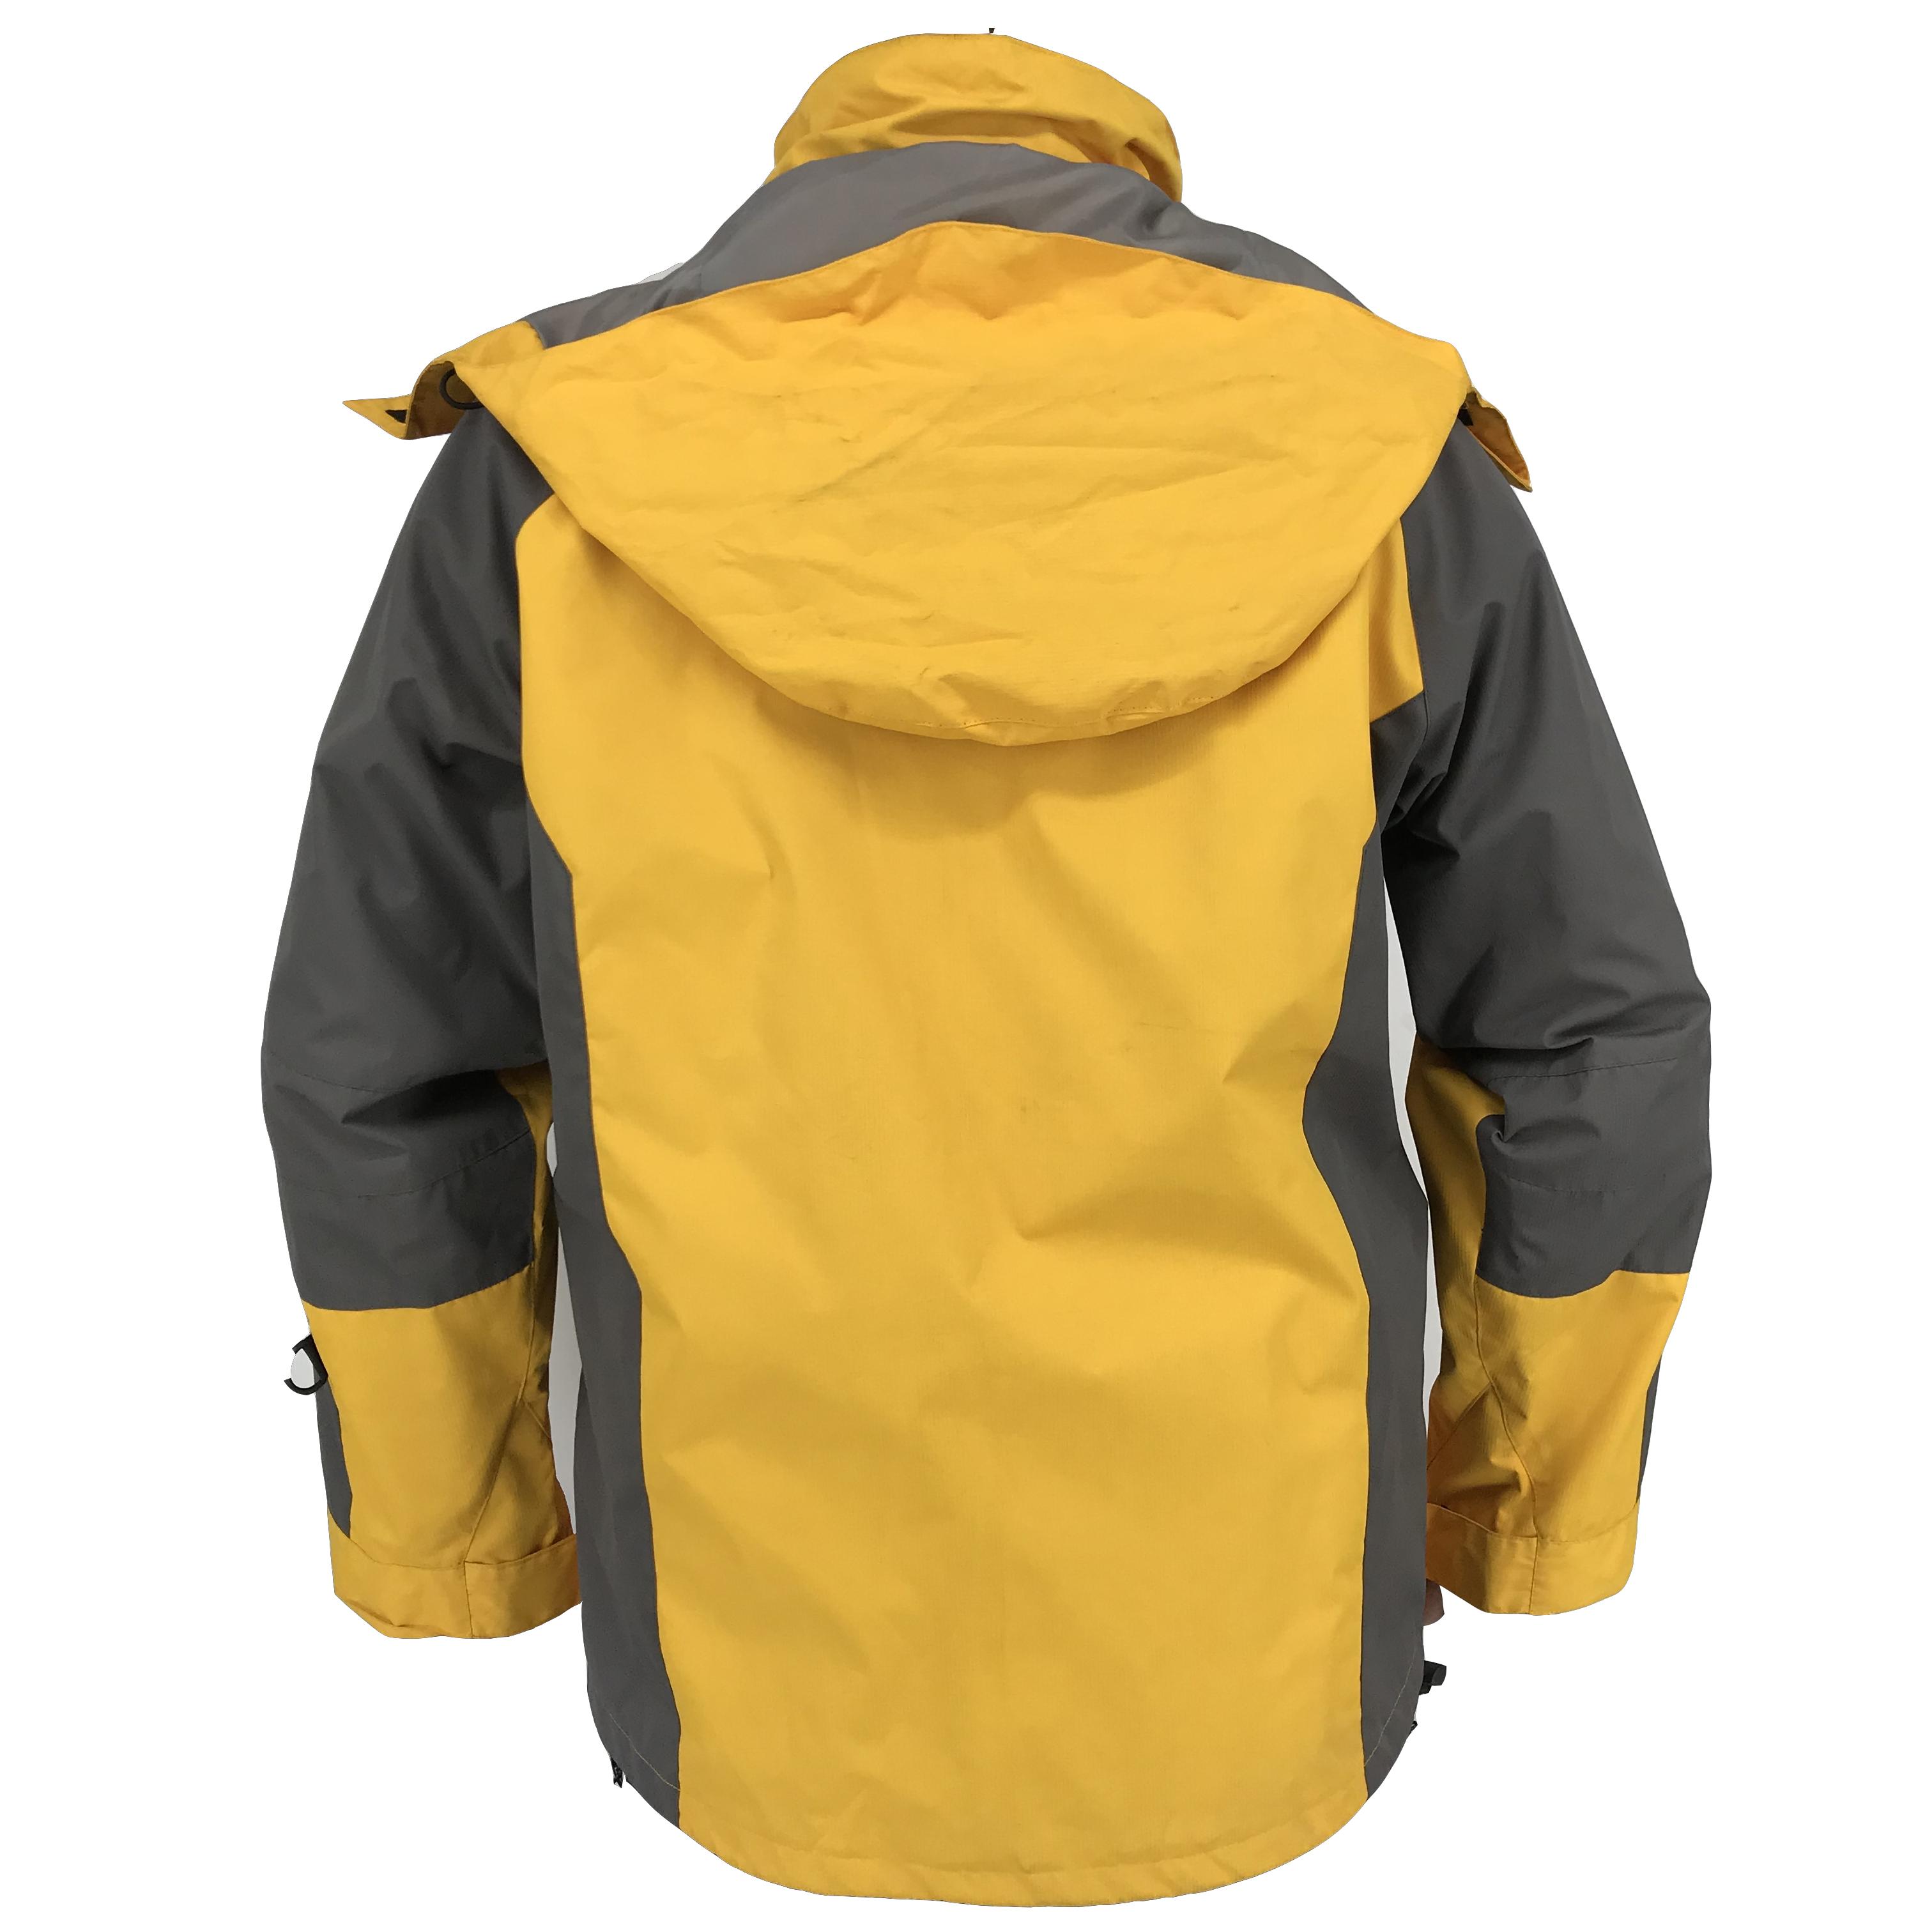 Snowboard jacket windbreak waterproof ski jacket winter coat outdoor sportswear